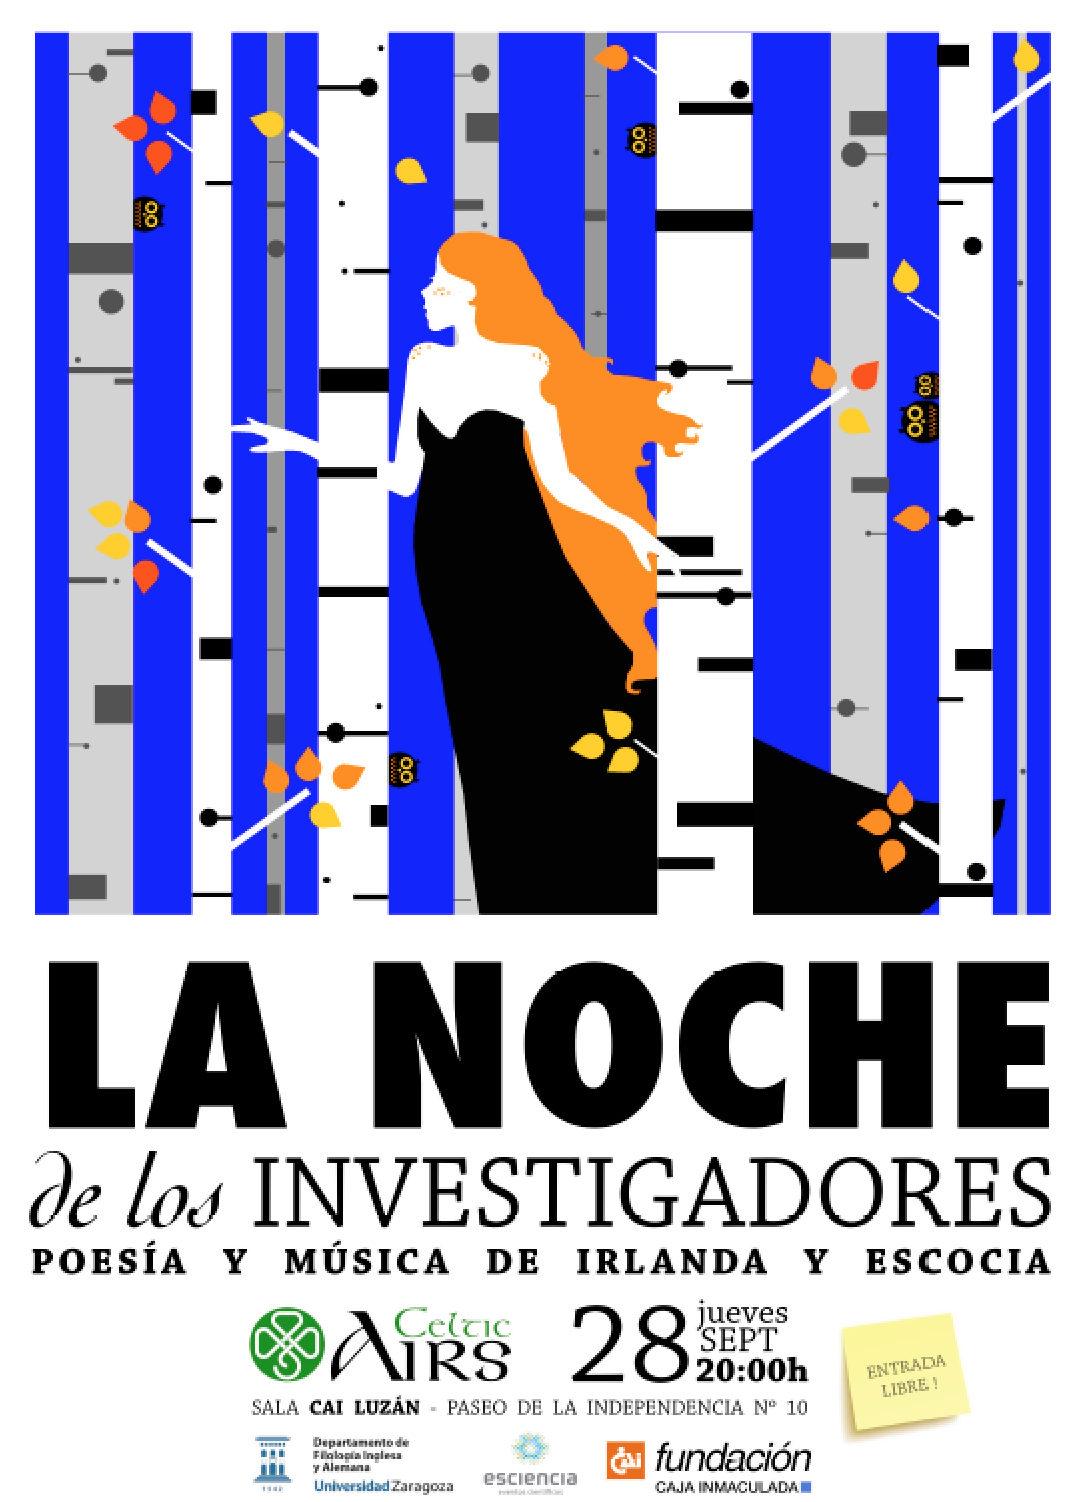 La noche de los investigadores: poster